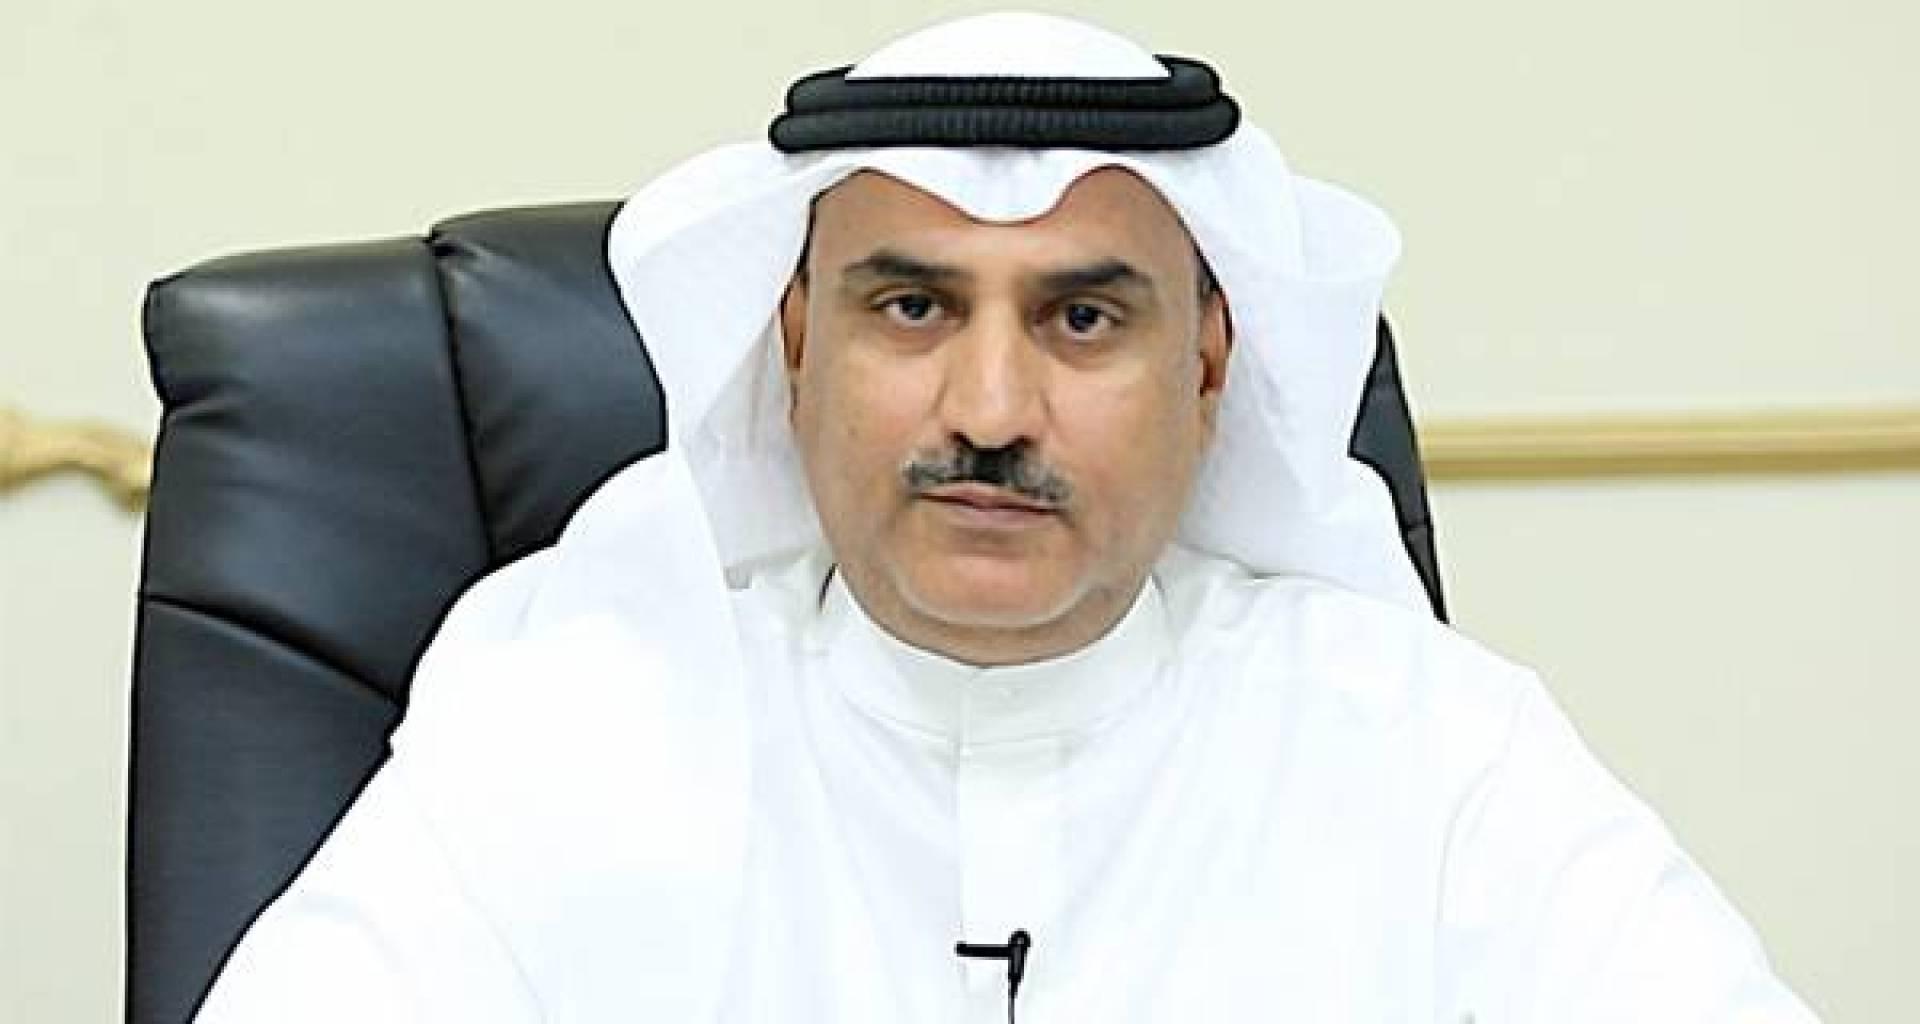 وزير التربية يقرر رسمياً استمرار العام الدراسي عن بُعد للمدارس الأجنبية